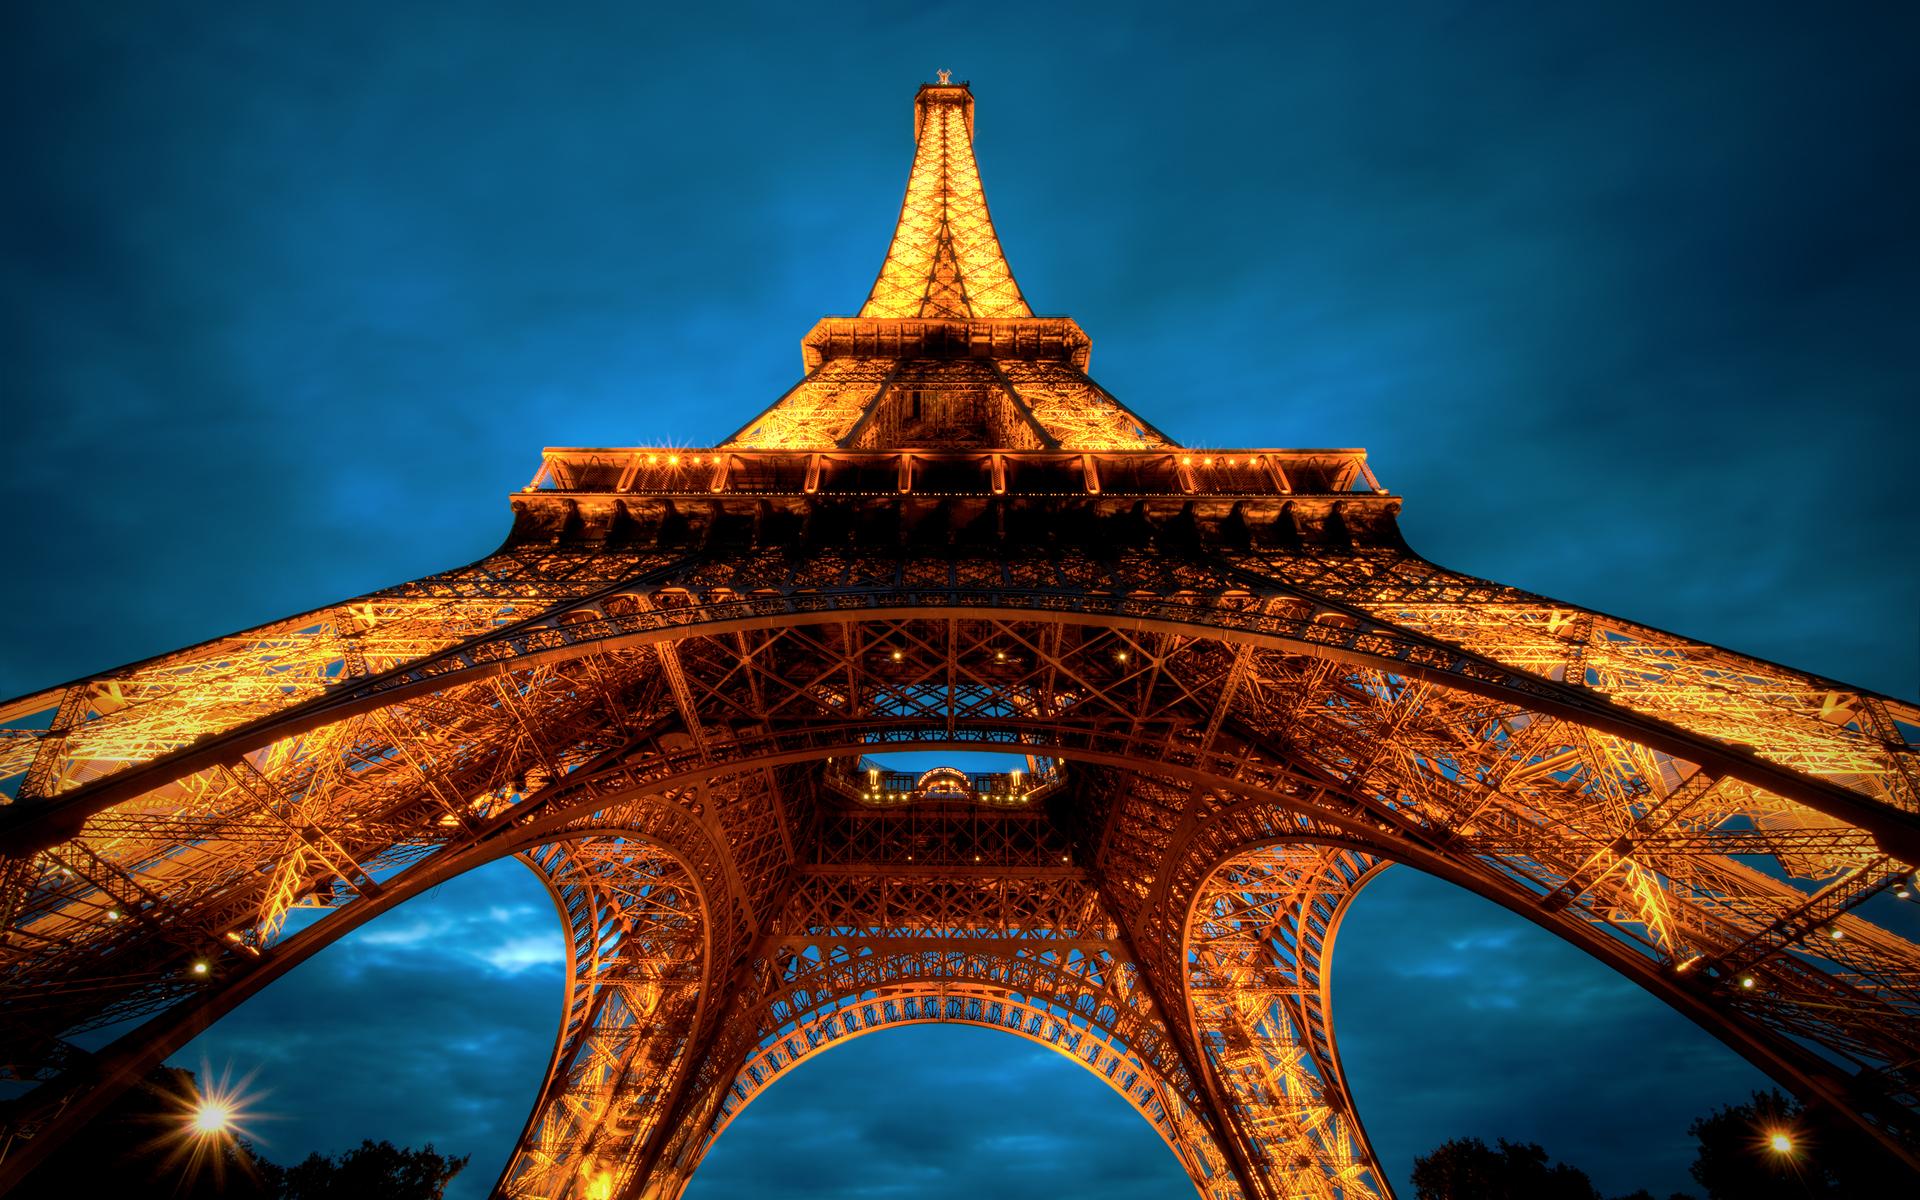 La Tour Eiffel wallpaper